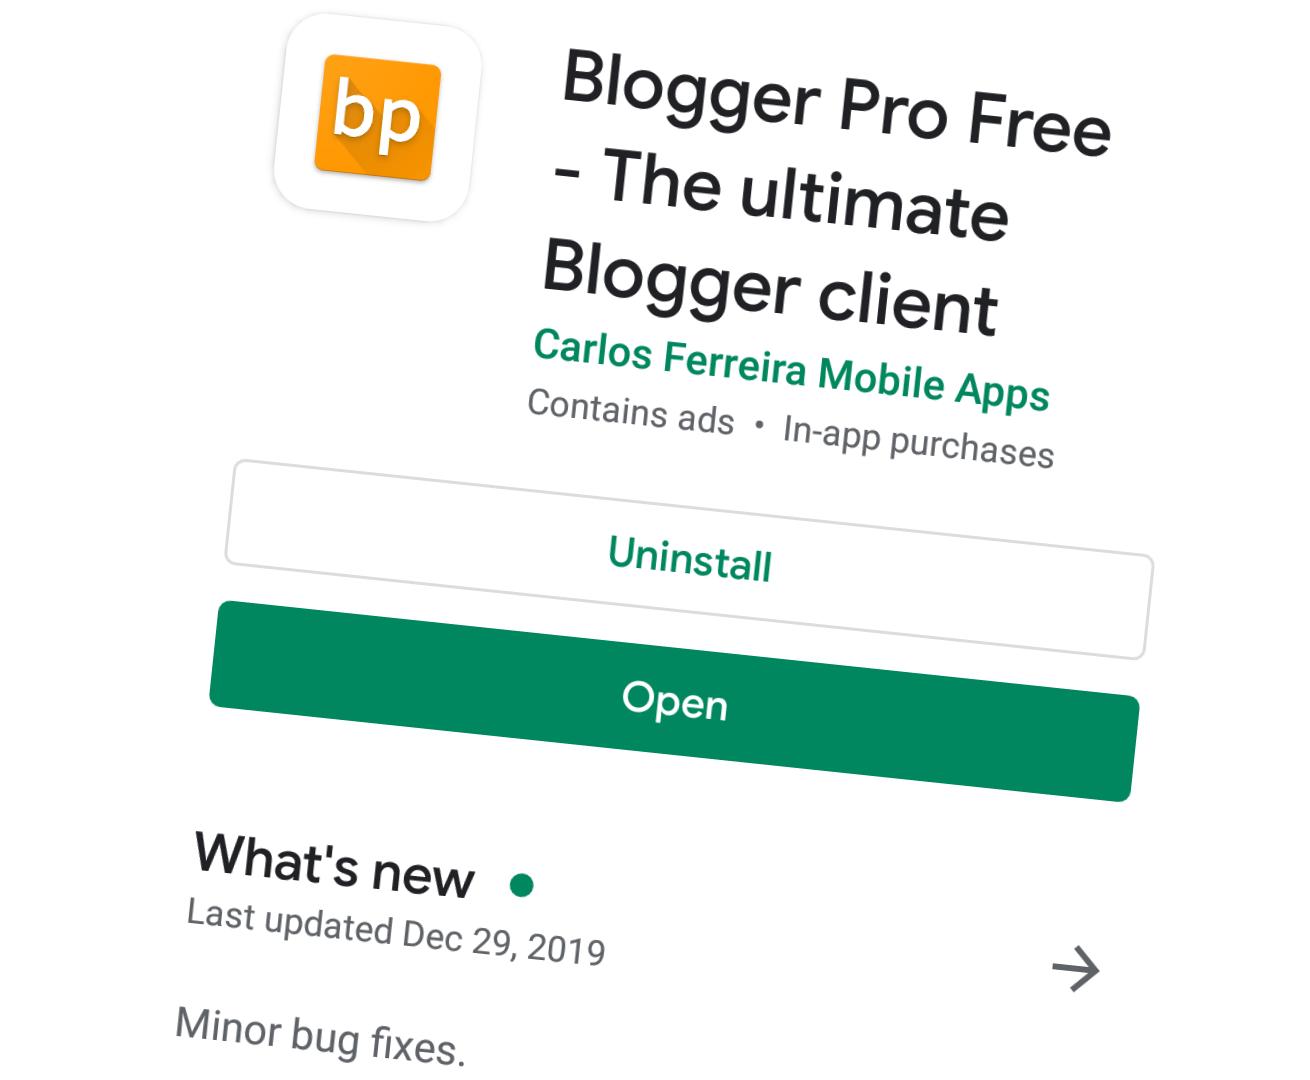 Ngeblog Adalah Aktivitas Yang Sangat Menyenangkan Bagiku Dengan Menuliskan Hal Hal Yang Remeh Temeh Di Blog Rasanya Membuat Aplikasi Android Aplikasi Android